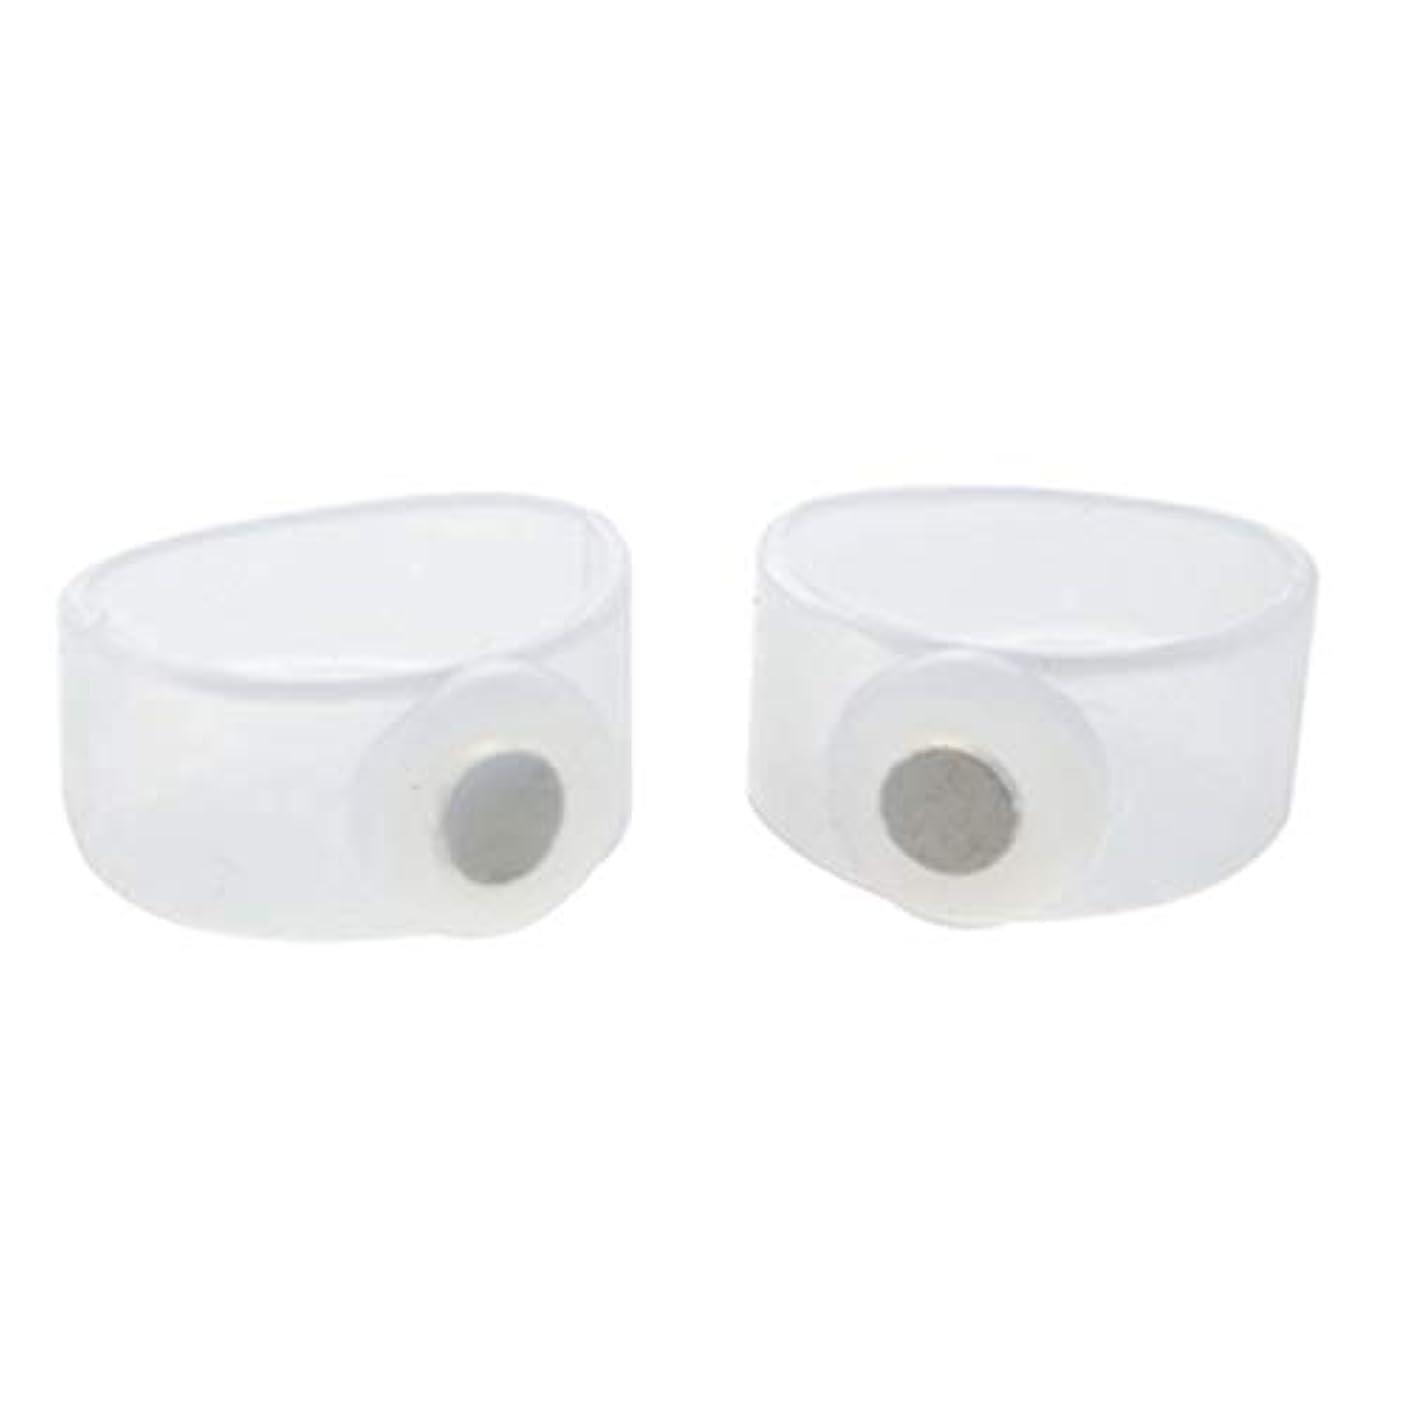 世論調査乳白オリエンタルBirdlantern 2ピース痩身シリコン磁気フットマッサージャーマッサージリラックスつま先リング用減量ヘルスケアツール美容製品